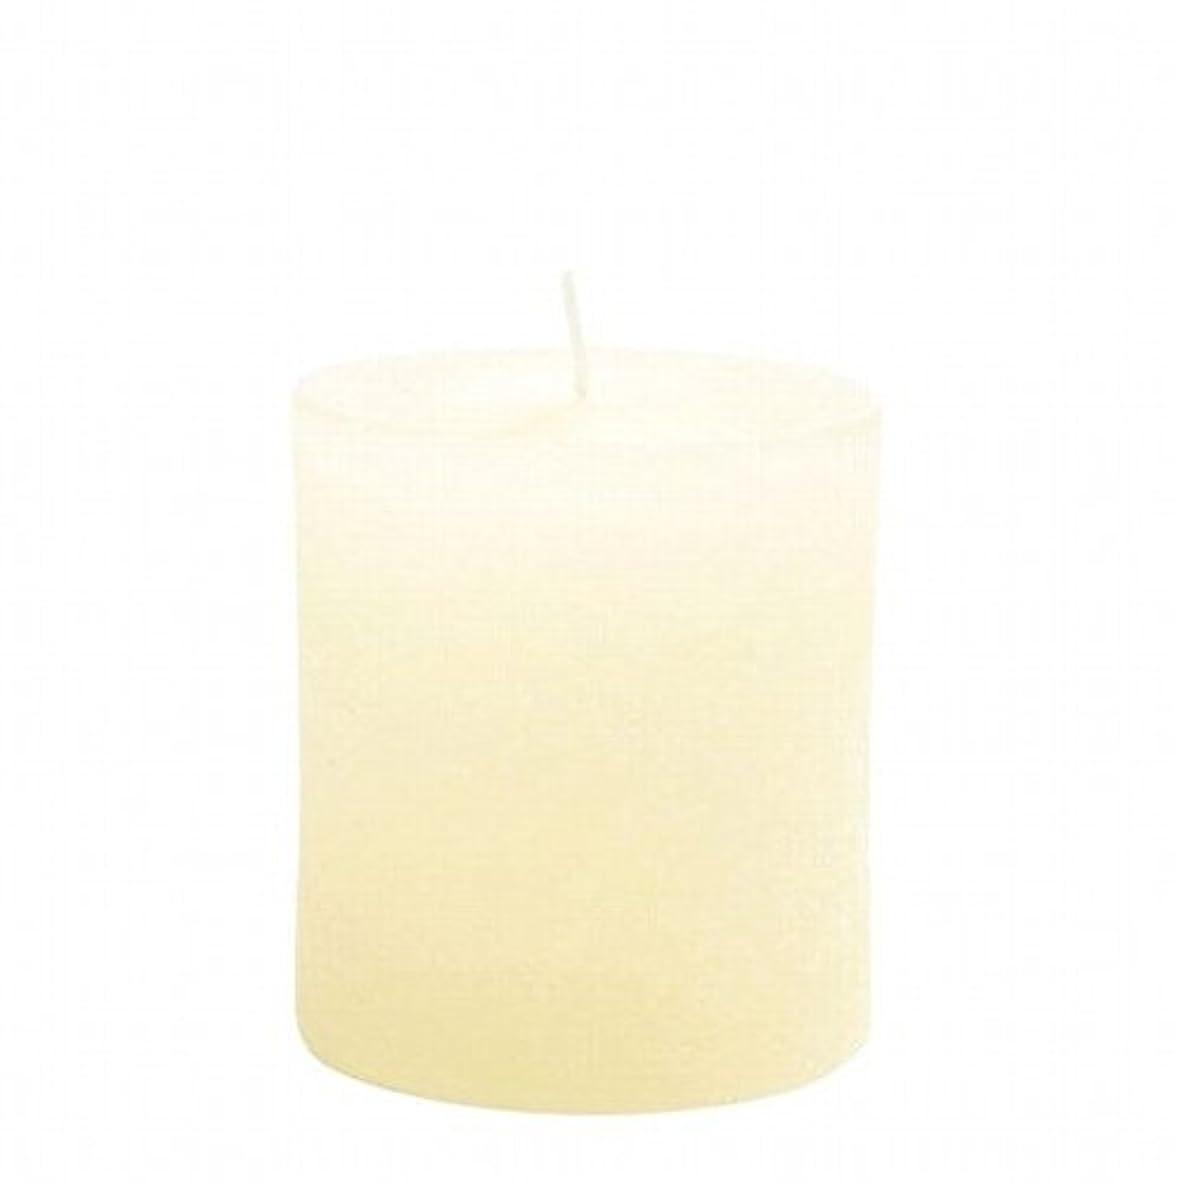 義務付けられた芝生予測子kameyama candle(カメヤマキャンドル) ラスティクピラー70×75 「 アイボリー 」(A4930010IV)